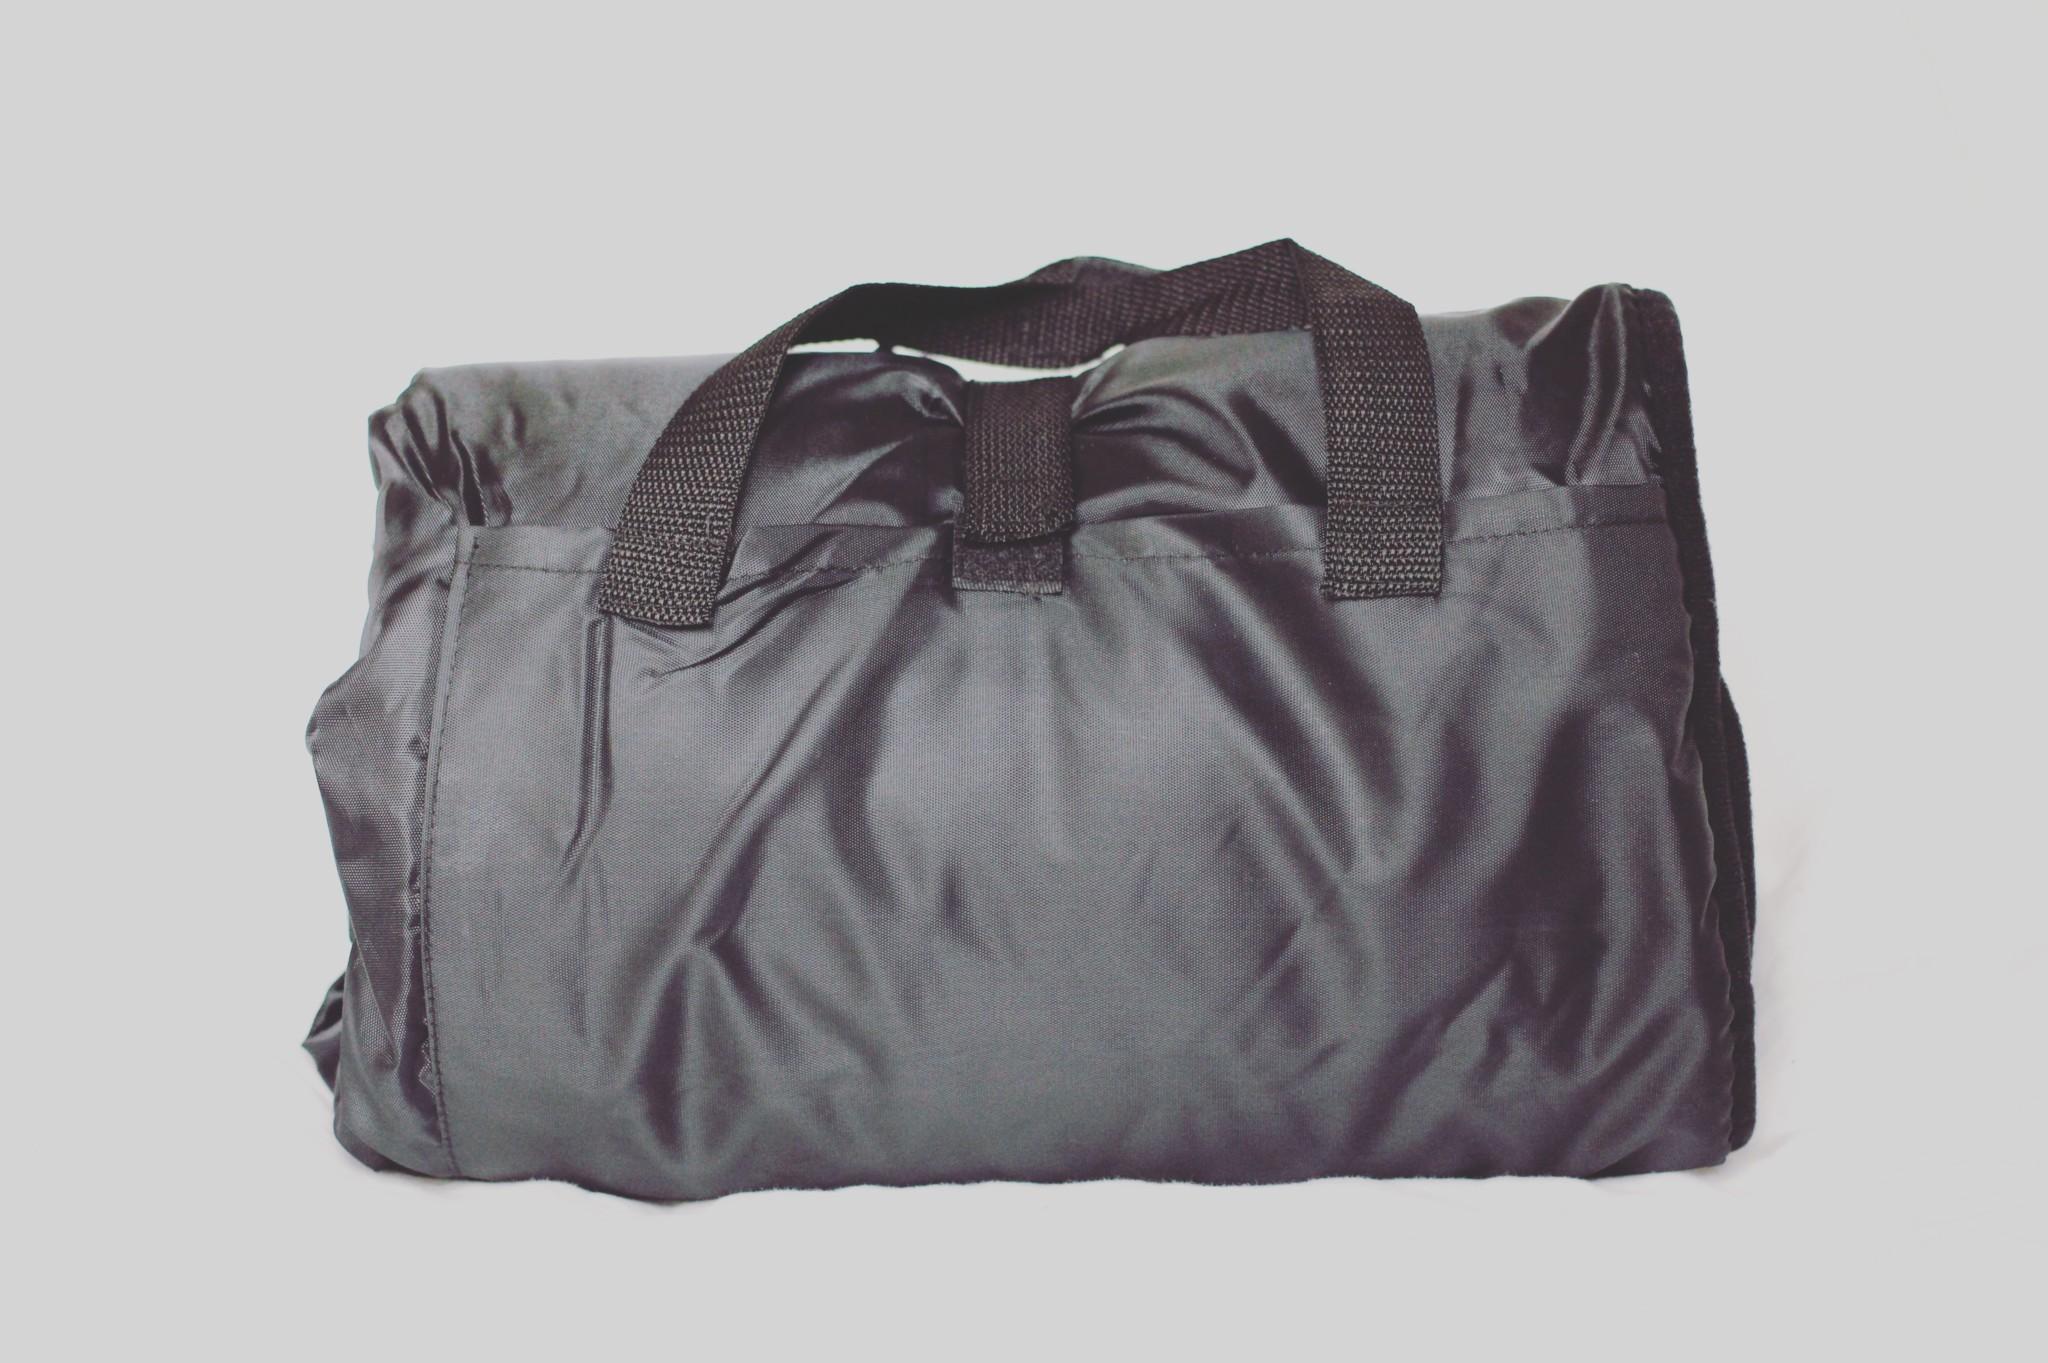 Packliste für eine Tageswanderung mit Hund